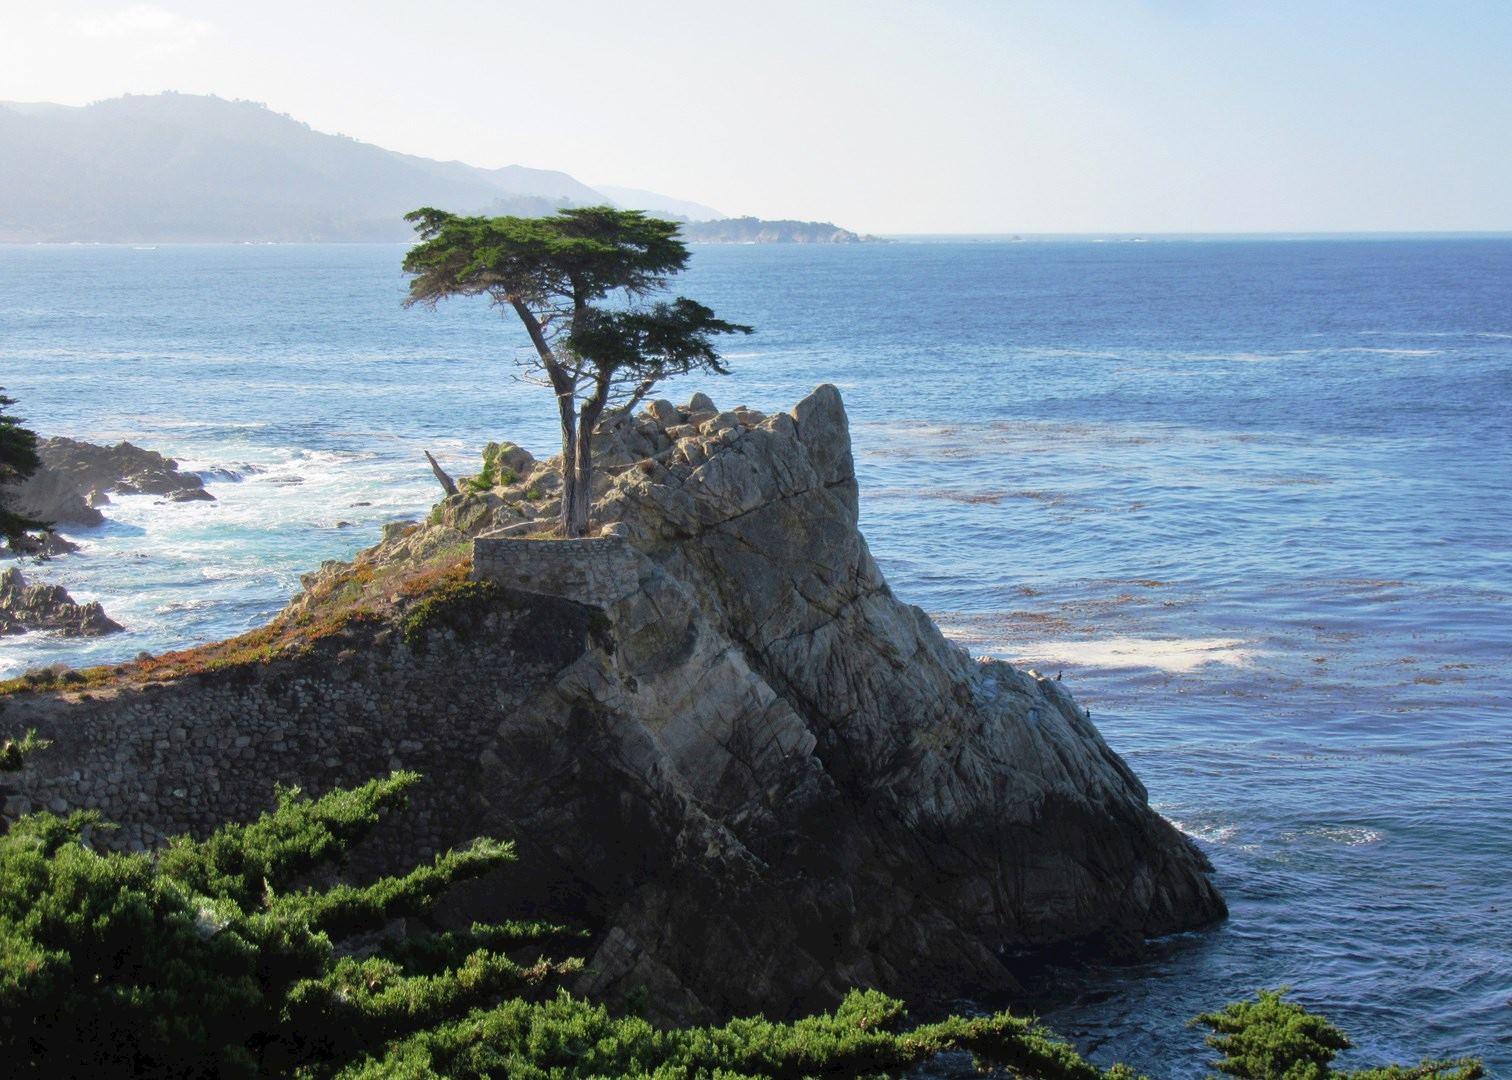 Monterey personals